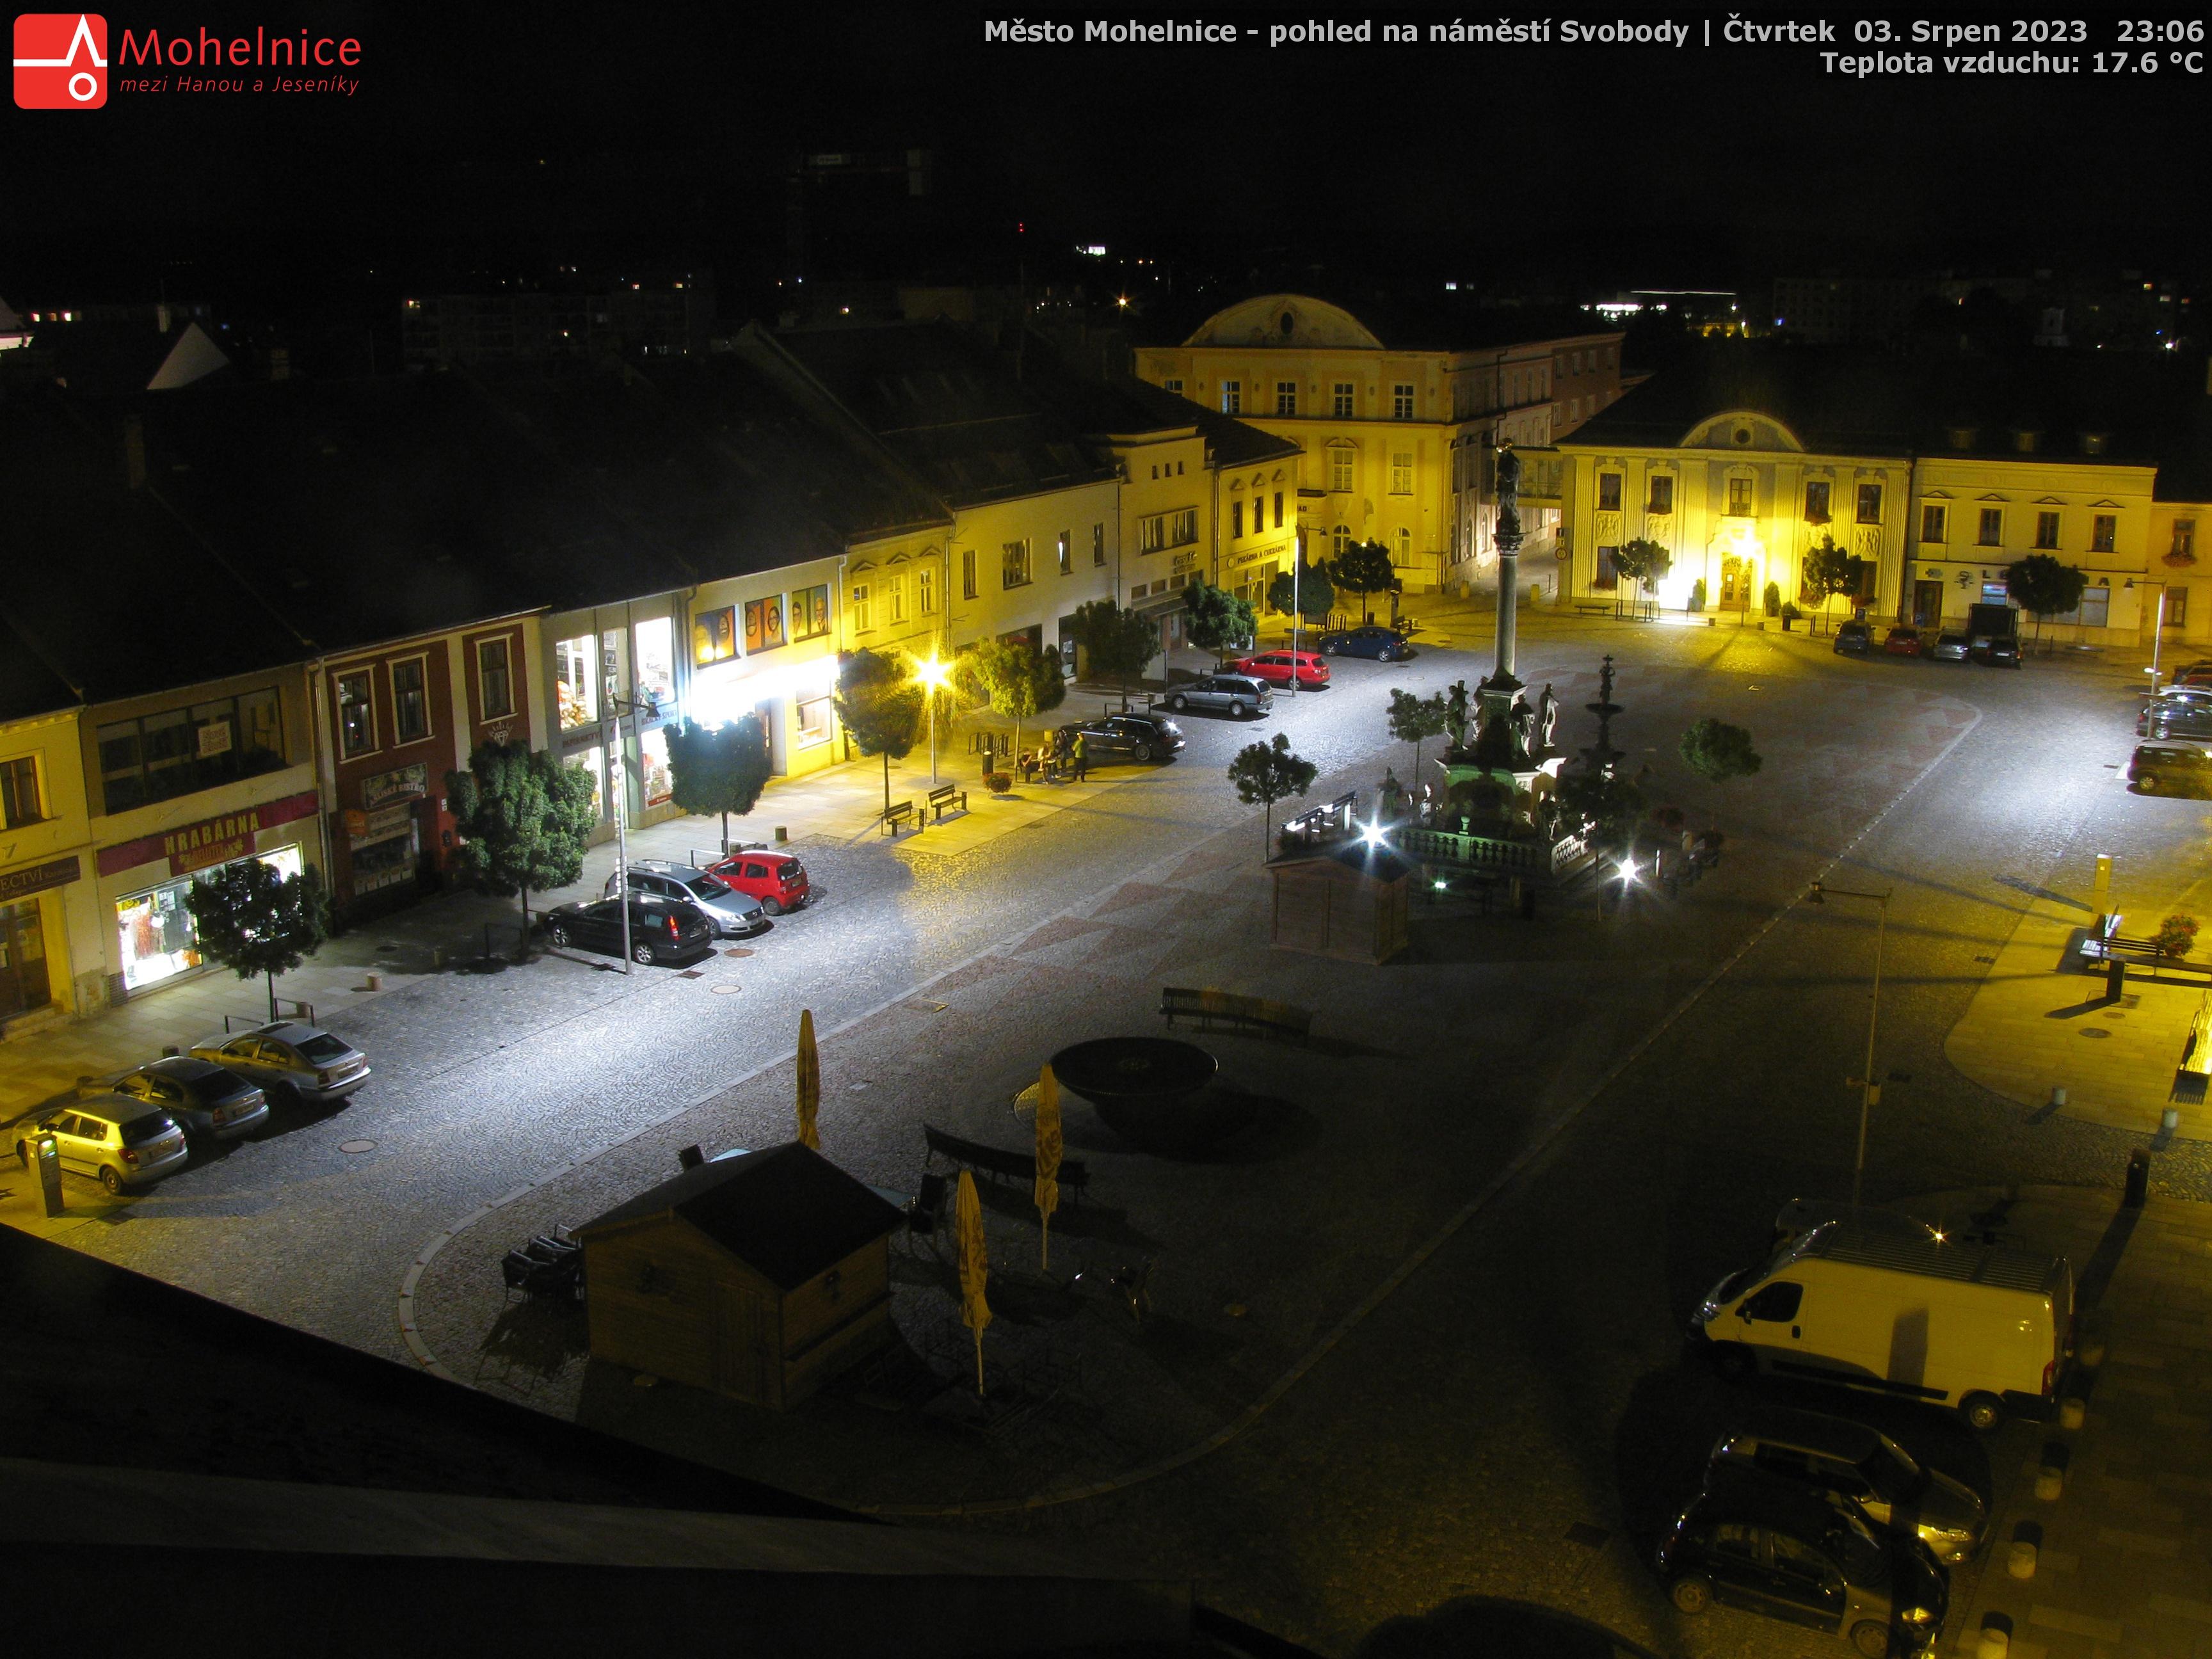 Město Mohelnice - pohled na náměstí Svobody